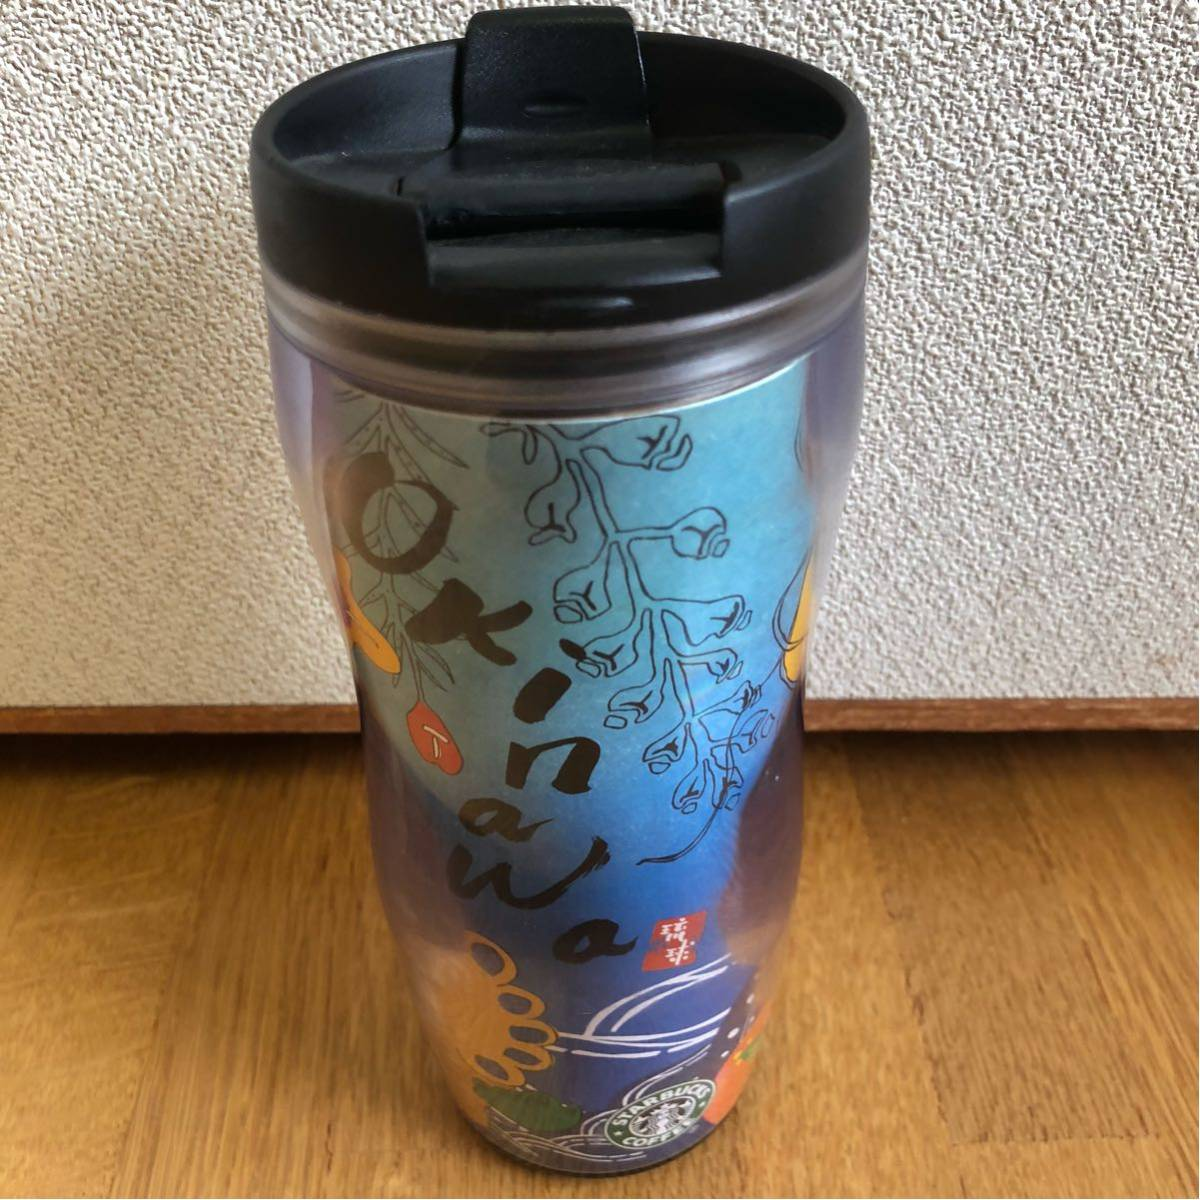 送料込み★スターバックス タンブラー★Okinawa 沖縄 琉球 シーサー_画像2